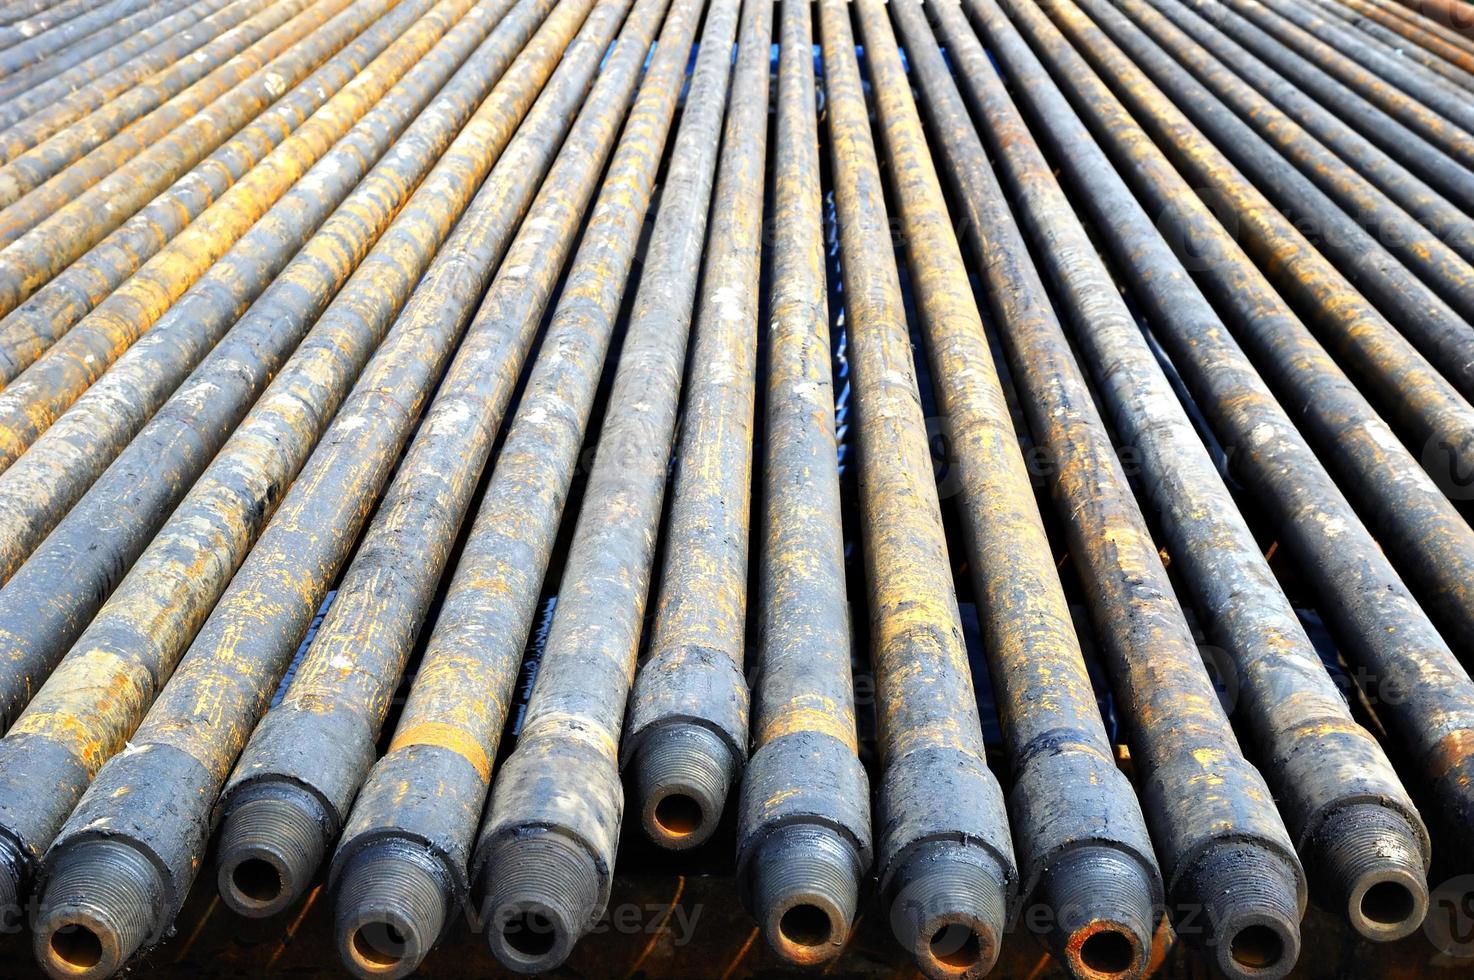 una fila di lunghi tubi per trapano in acciaio sporchi foto